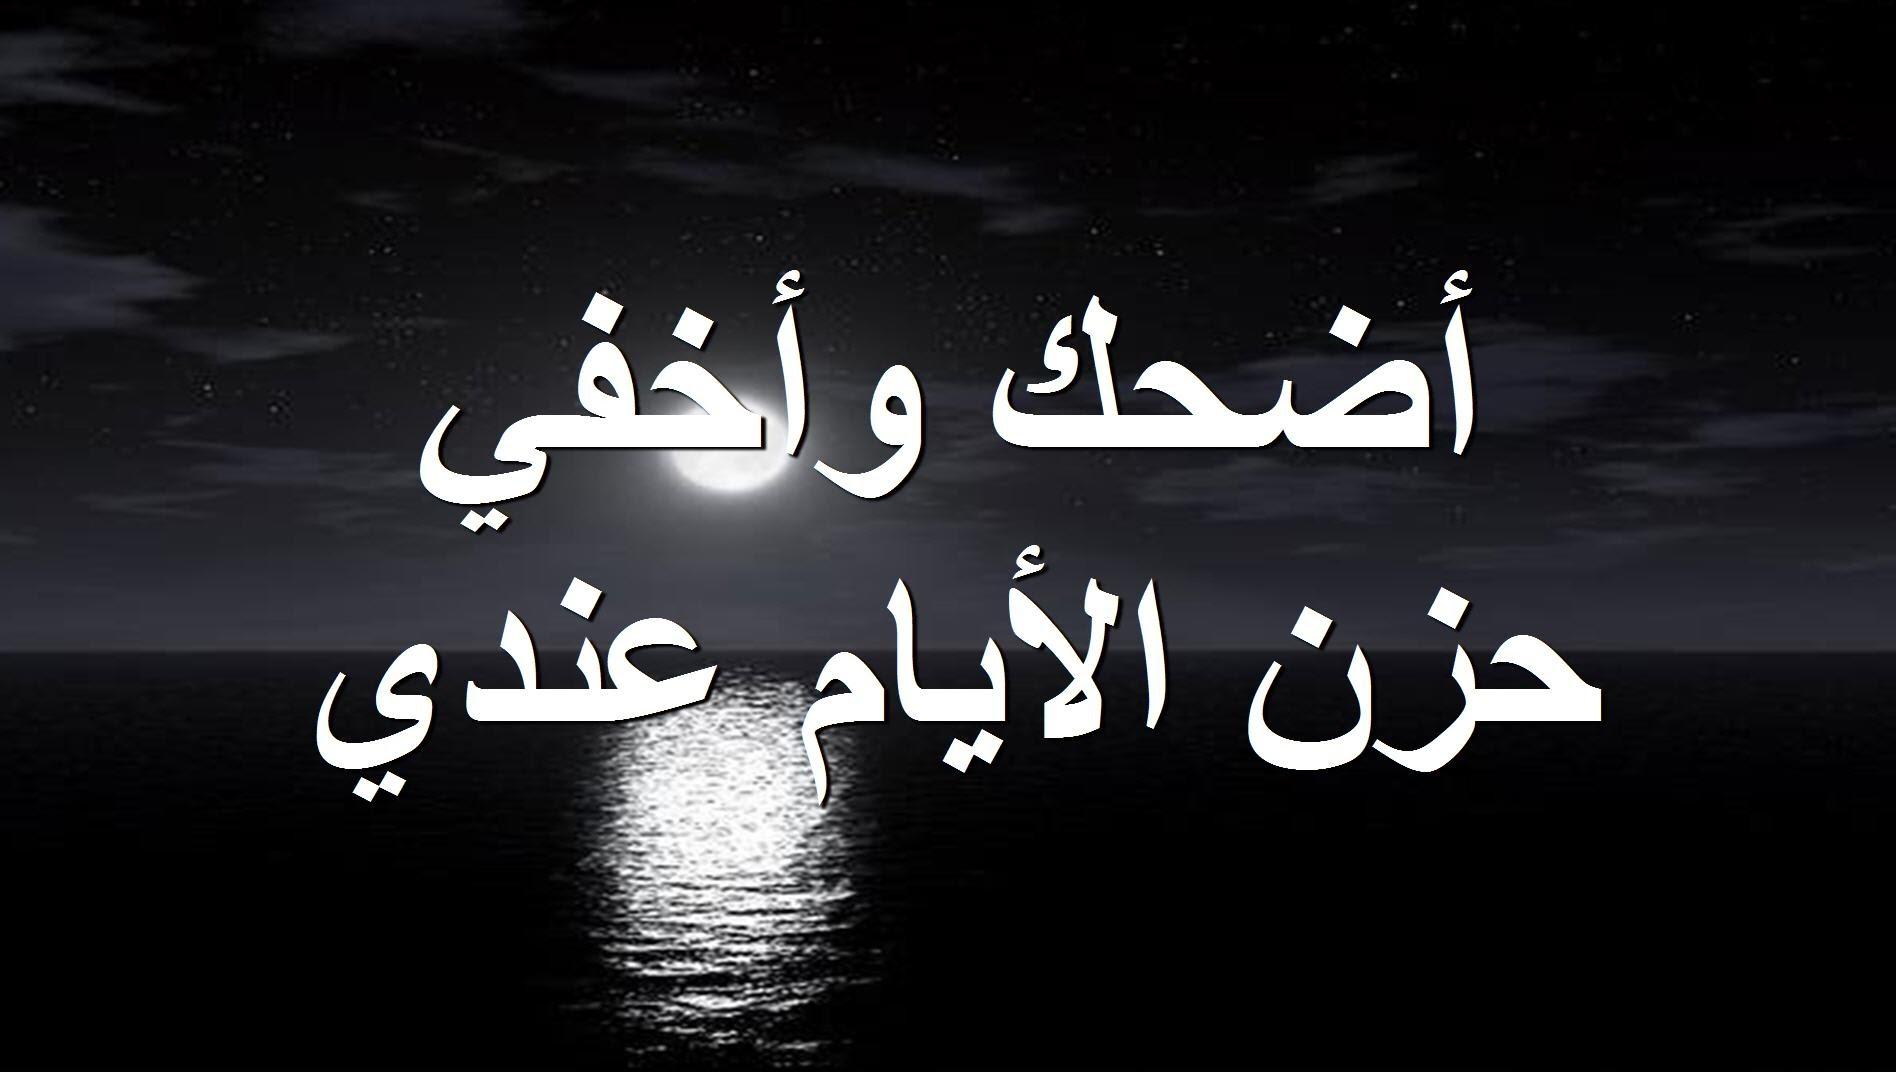 بالصور كلام حزين عن الحياة , كلمات حزينه صعبه المواجهه 287 7